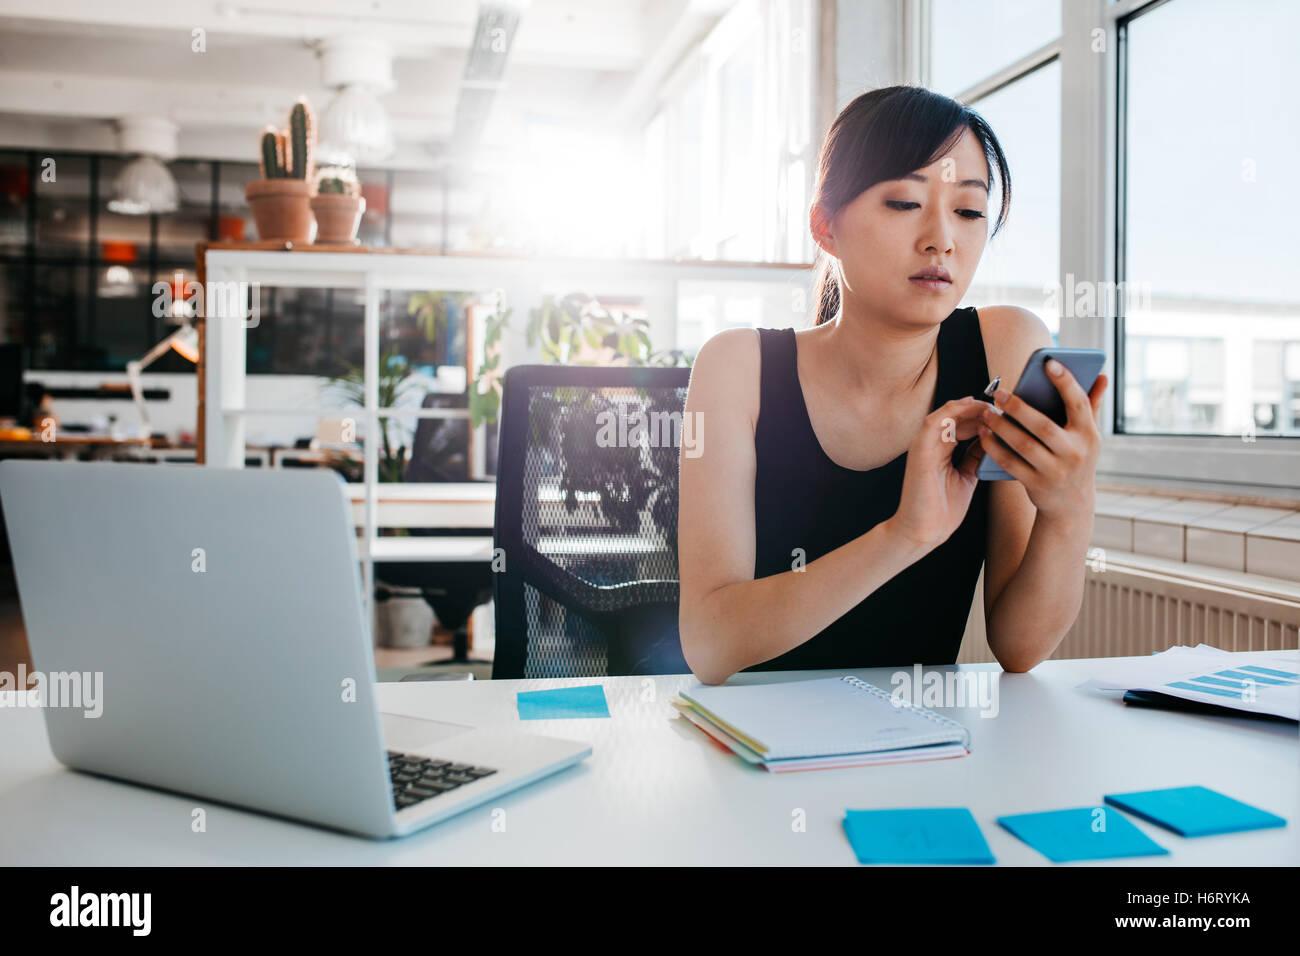 Portrait de jeune femme assise à son bureau avec ordinateur portable et notes adhésives à l'aide Photo Stock